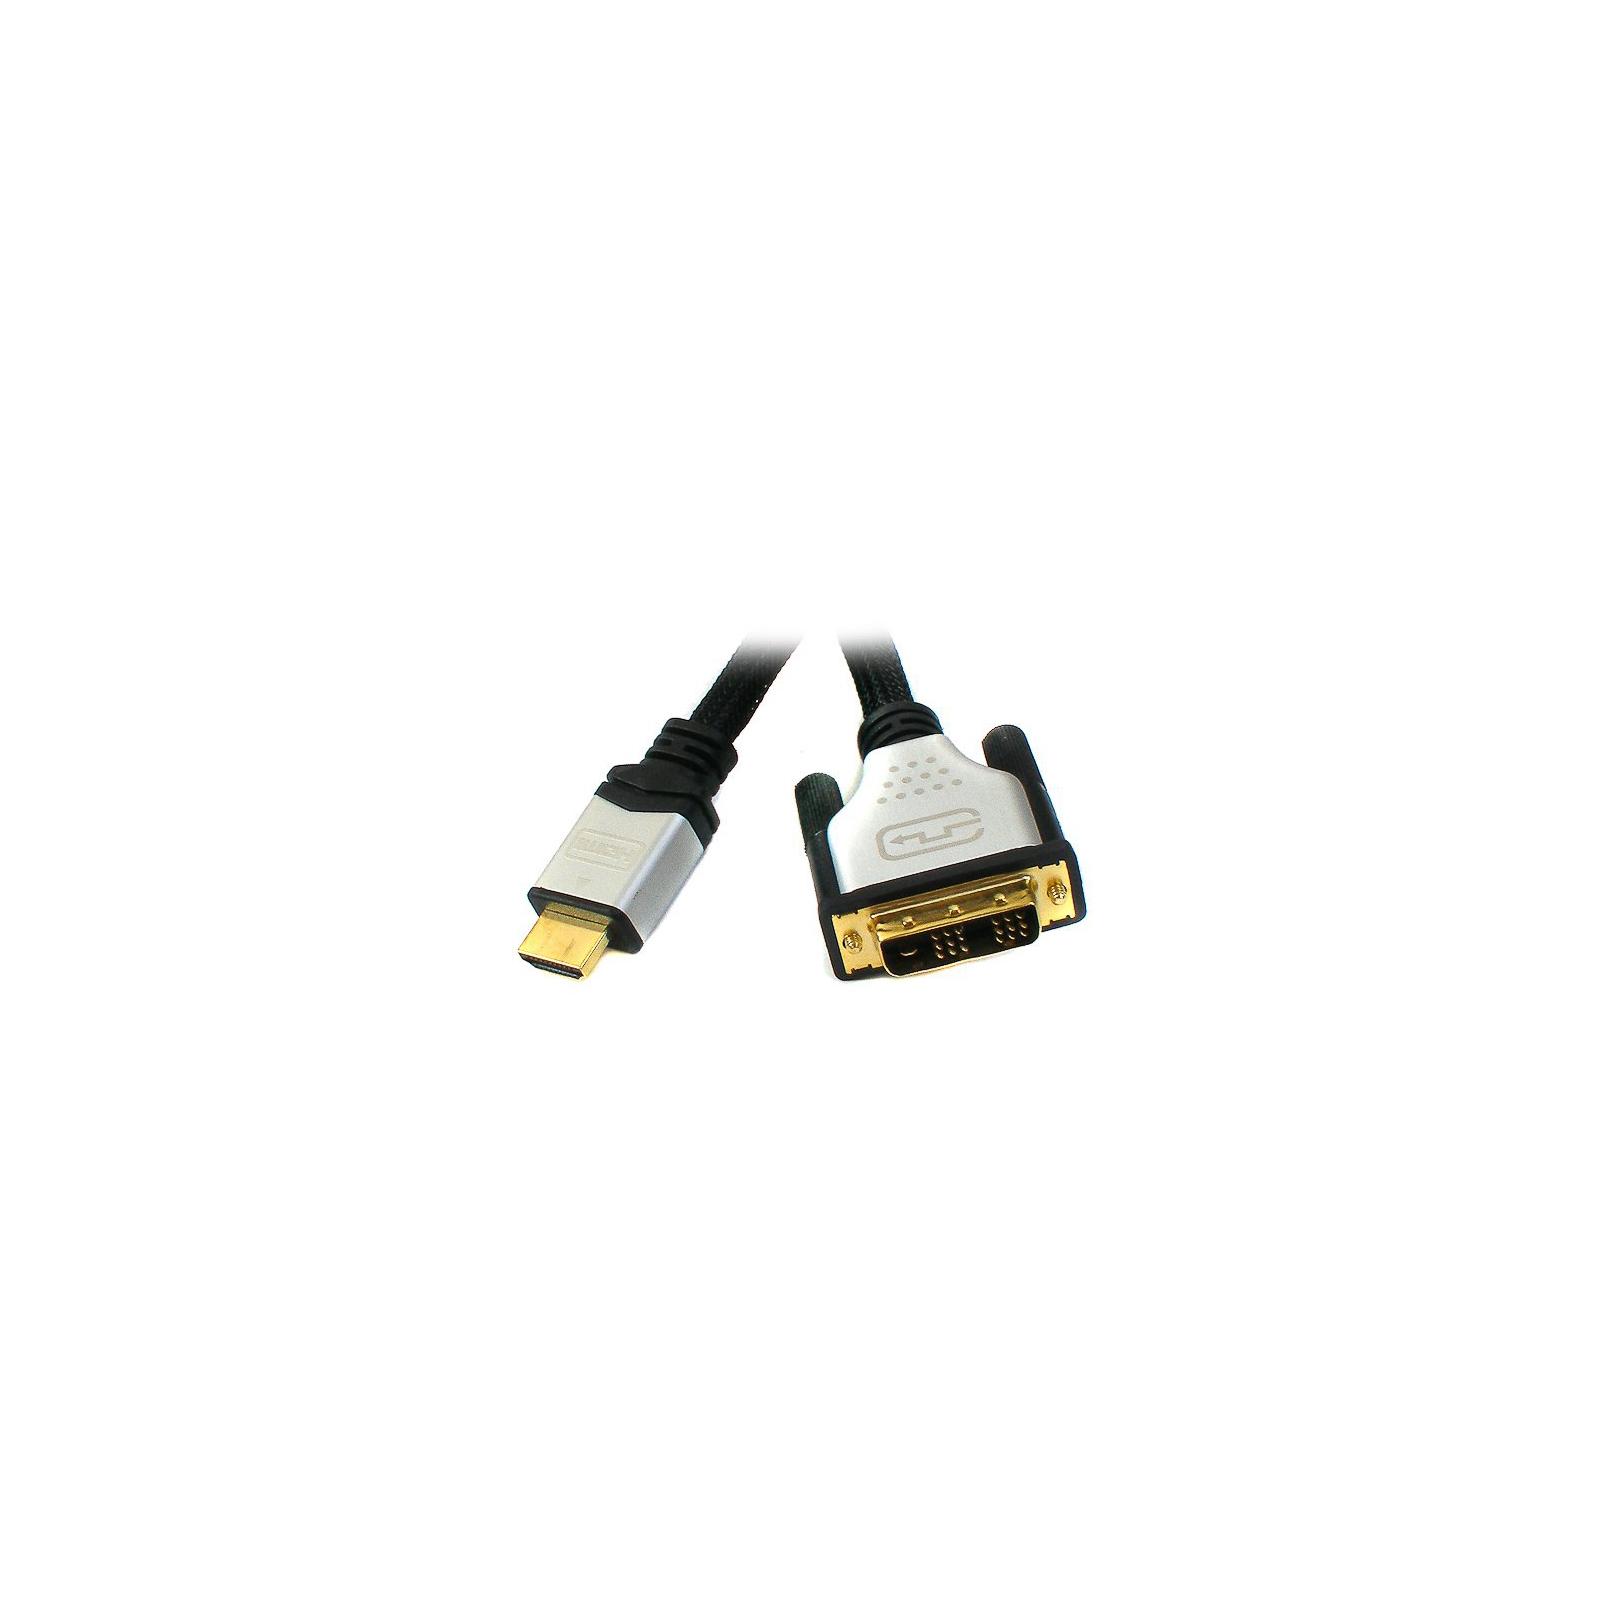 Кабель мультимедийный HDMI to DVI 18+1pin M, 3.0m Viewcon (VD 103-3m.)